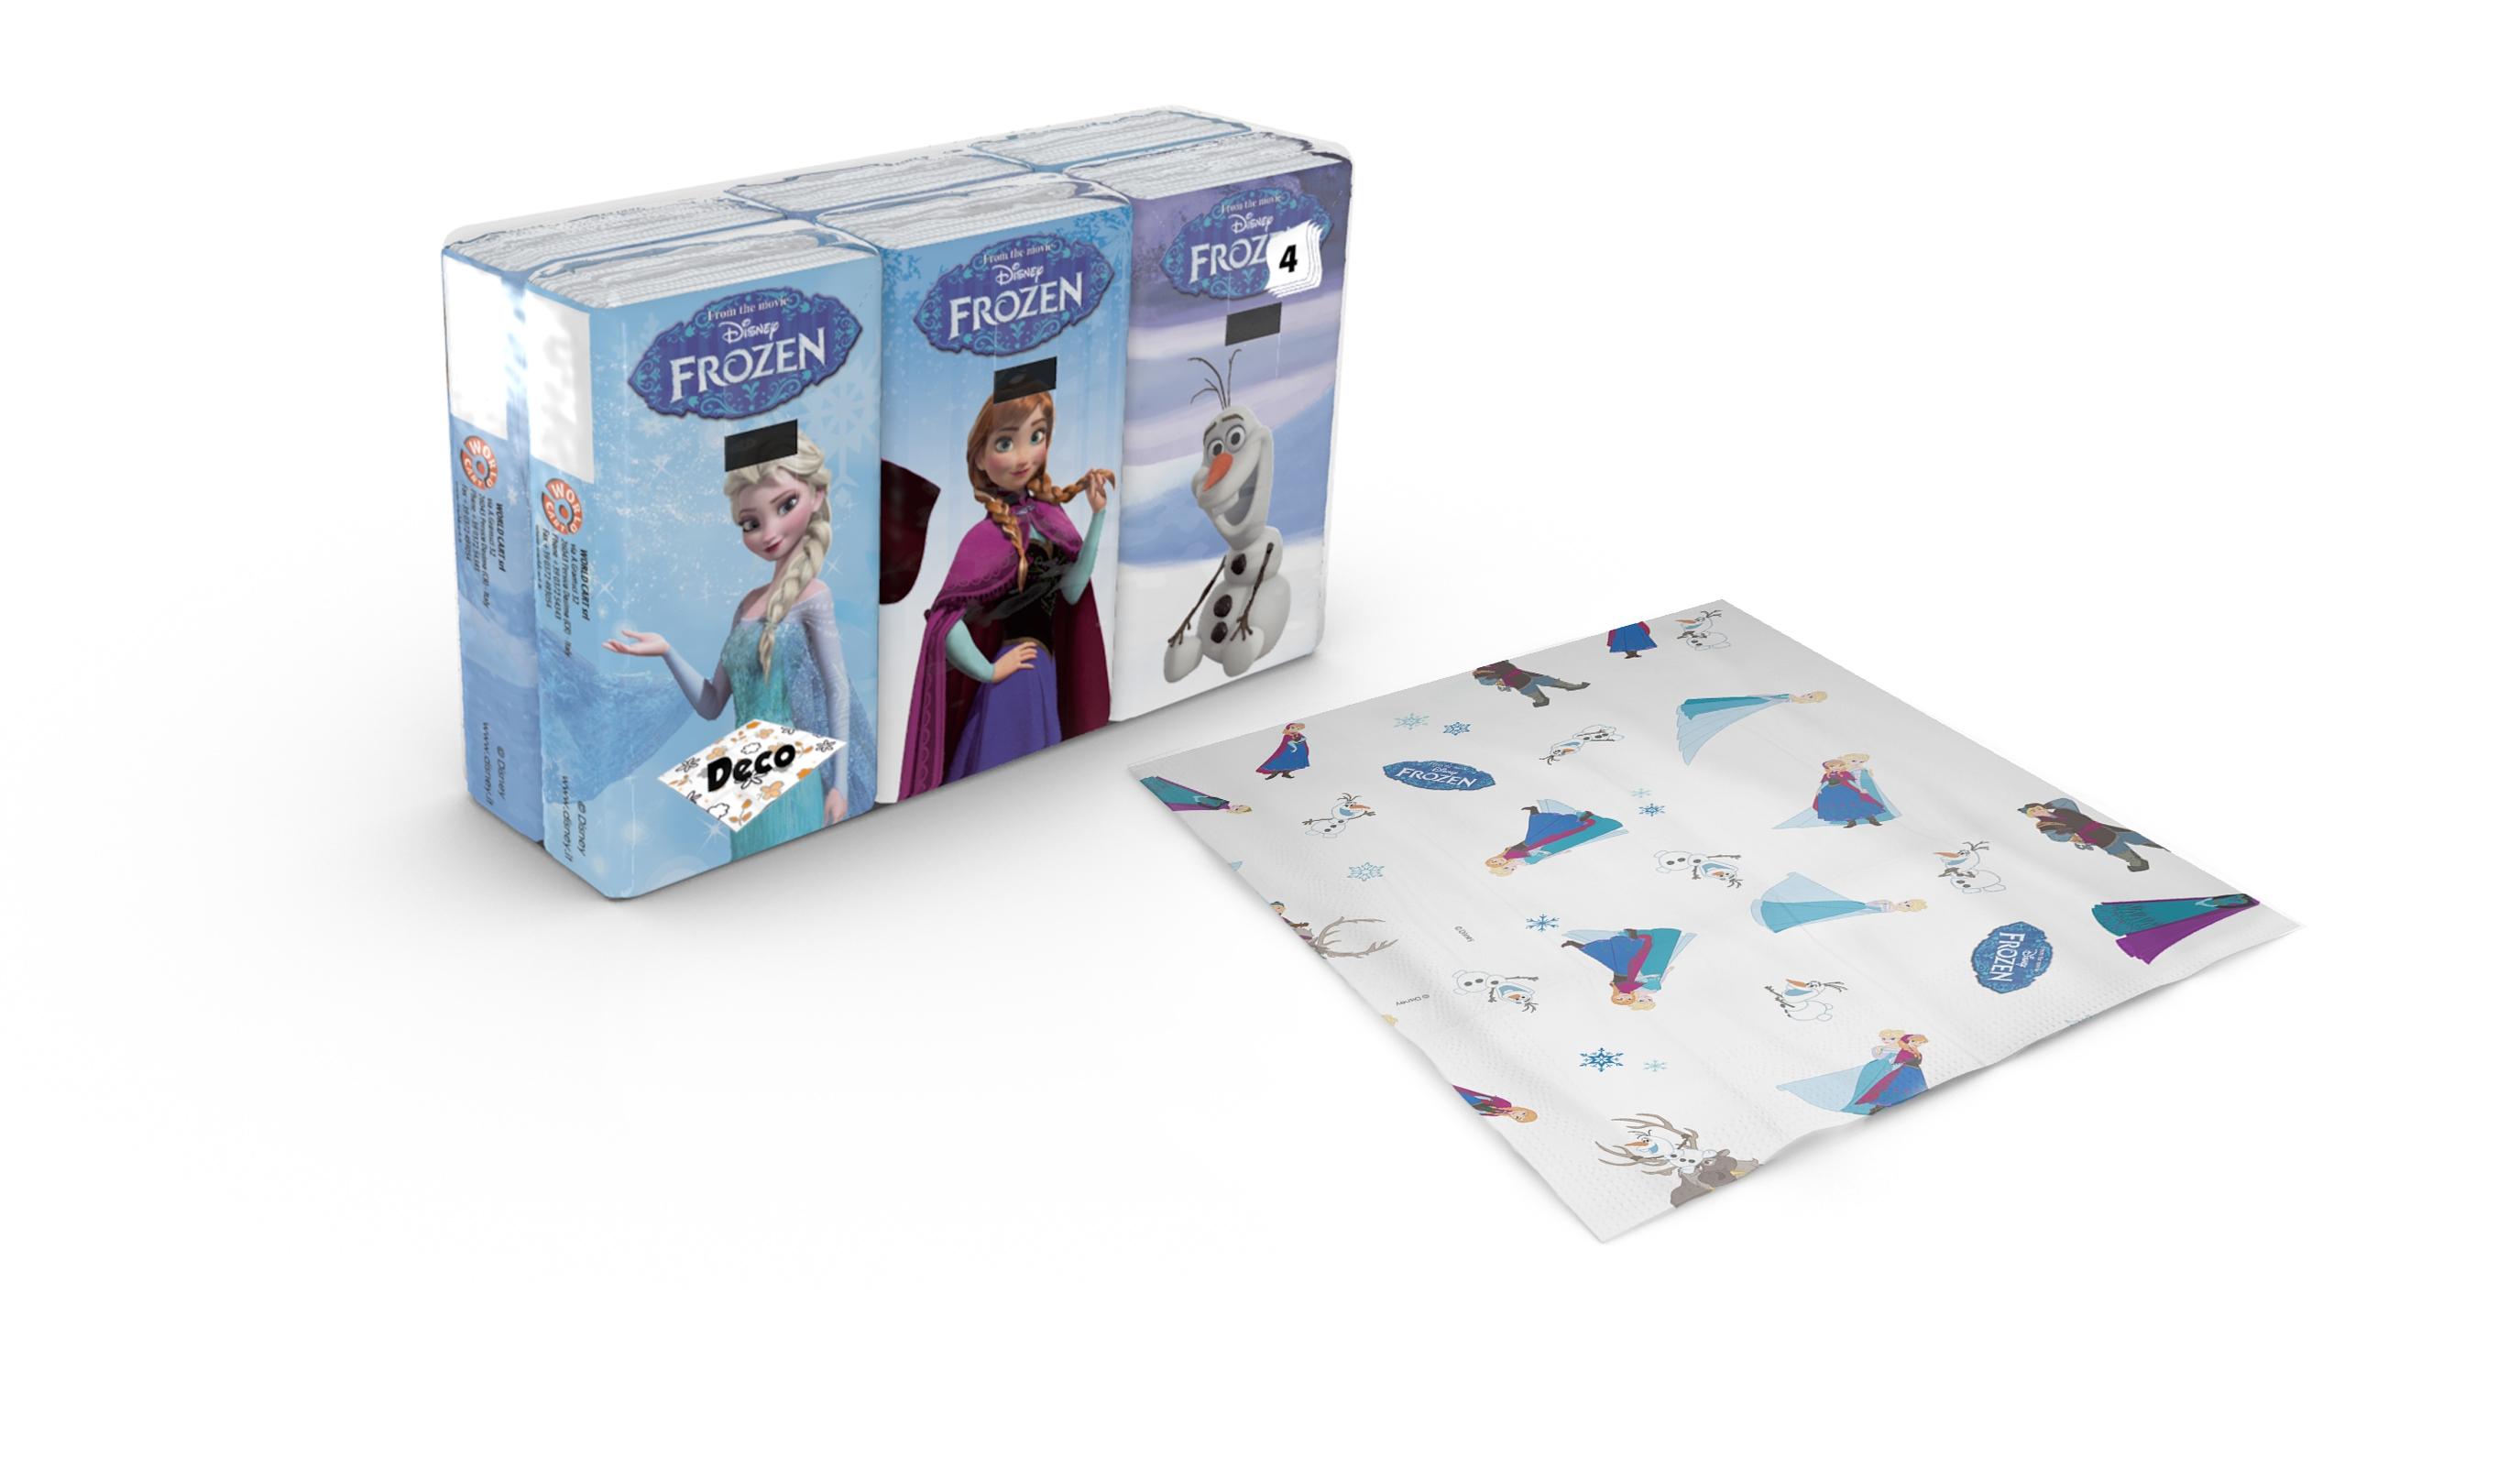 Image of Disney Frozen Fazzoletti 6 pacchetti 8033661567096